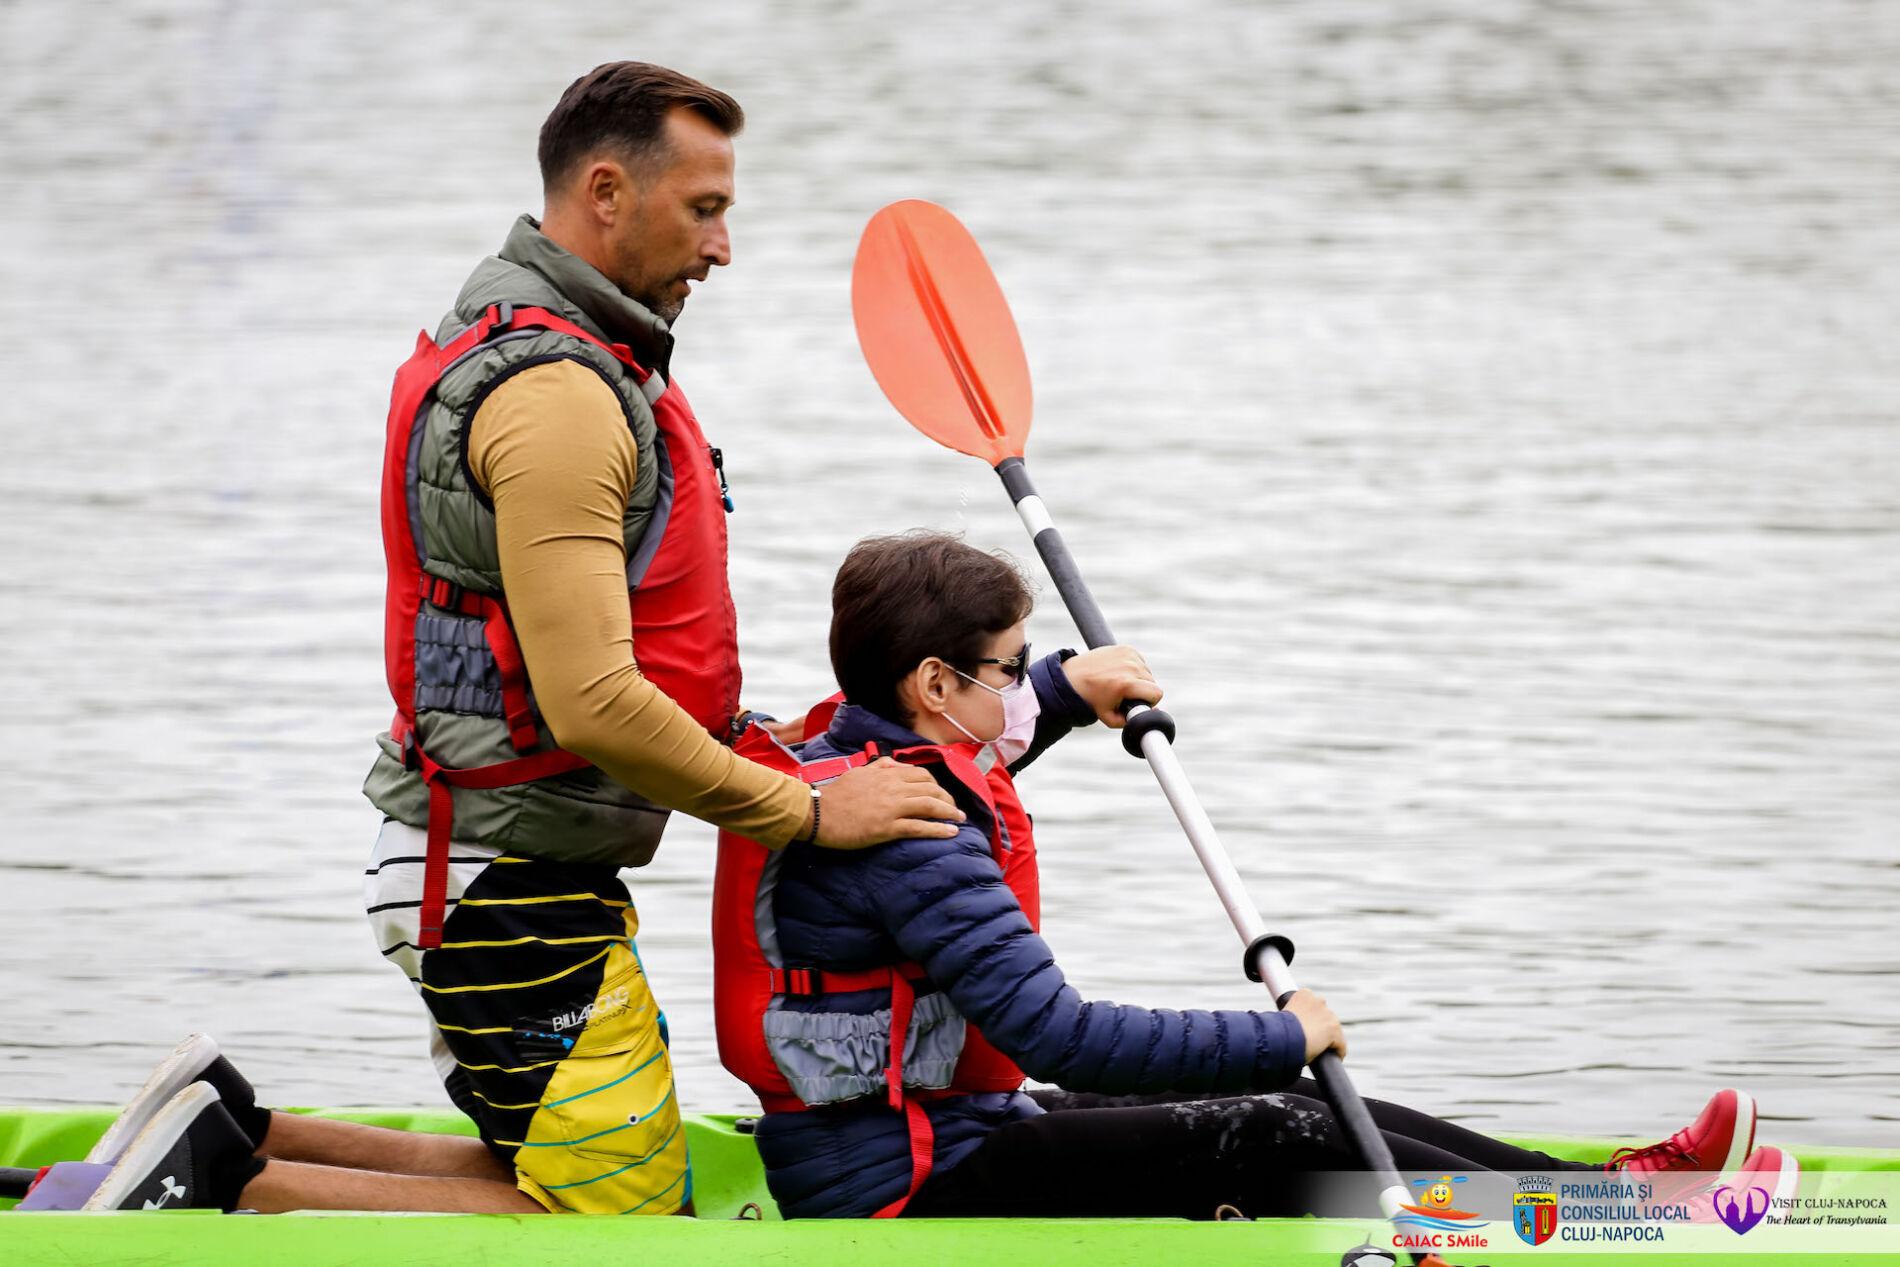 Inedit. O nevăzătoare din Cluj a învăţat să vâslească în caiac pe lacul Gheorgheni